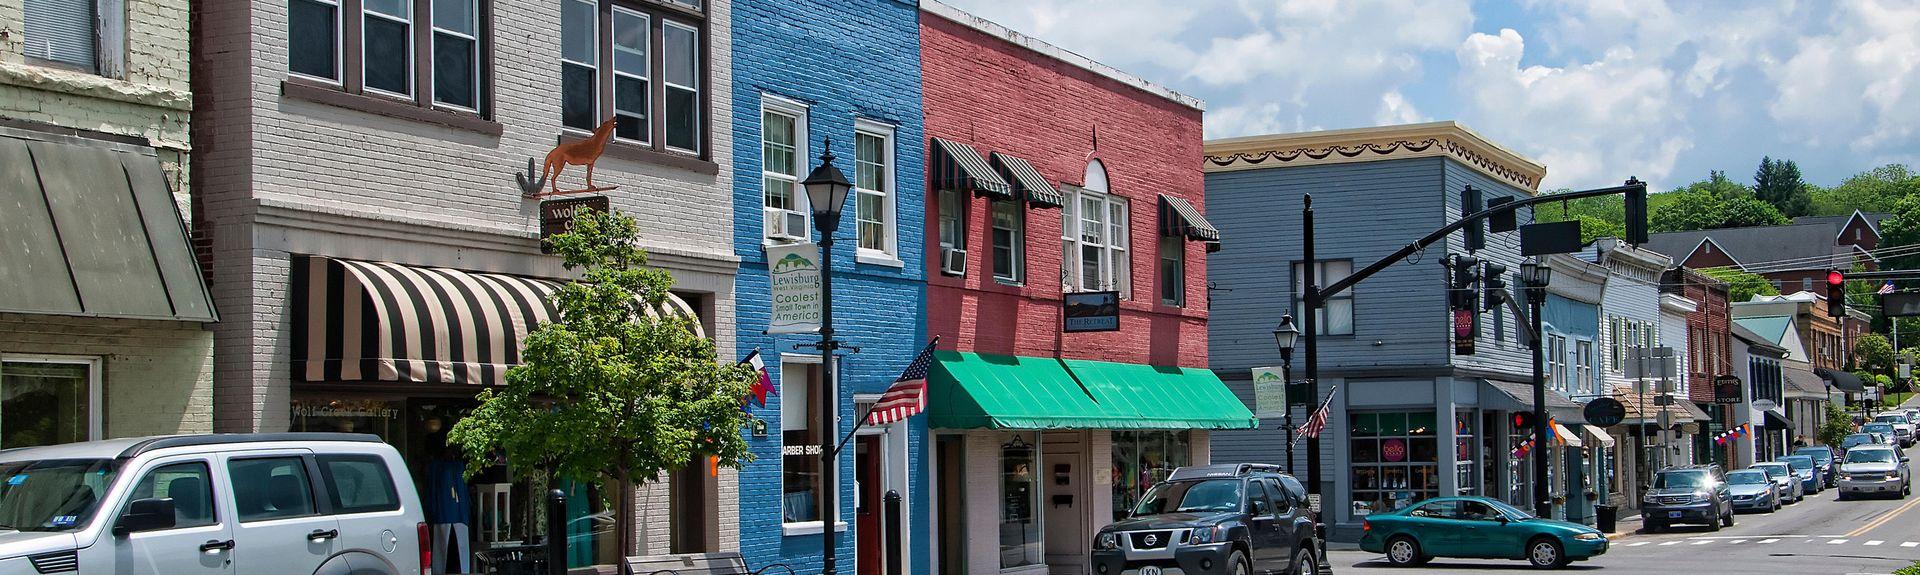 Lexington, Virginia, United States of America